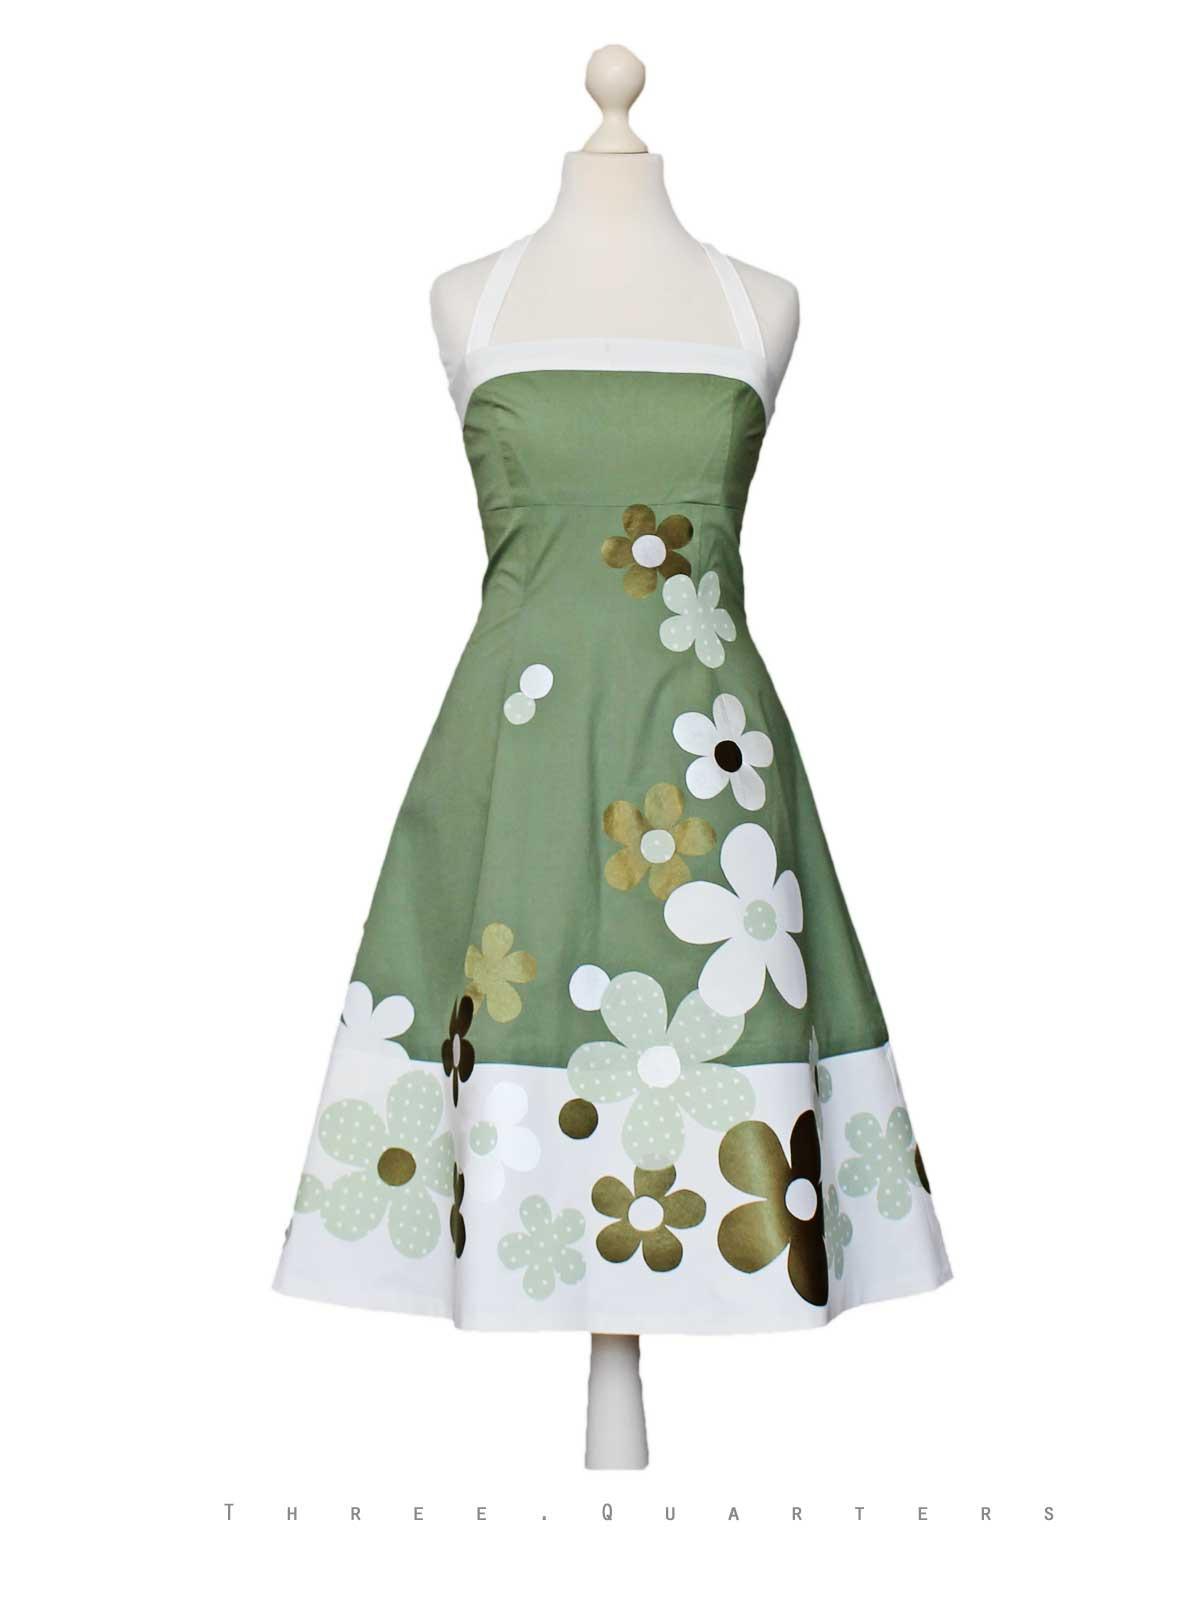 10 Kreativ Sommer Abend Kleid Spezialgebiet13 Schön Sommer Abend Kleid Vertrieb